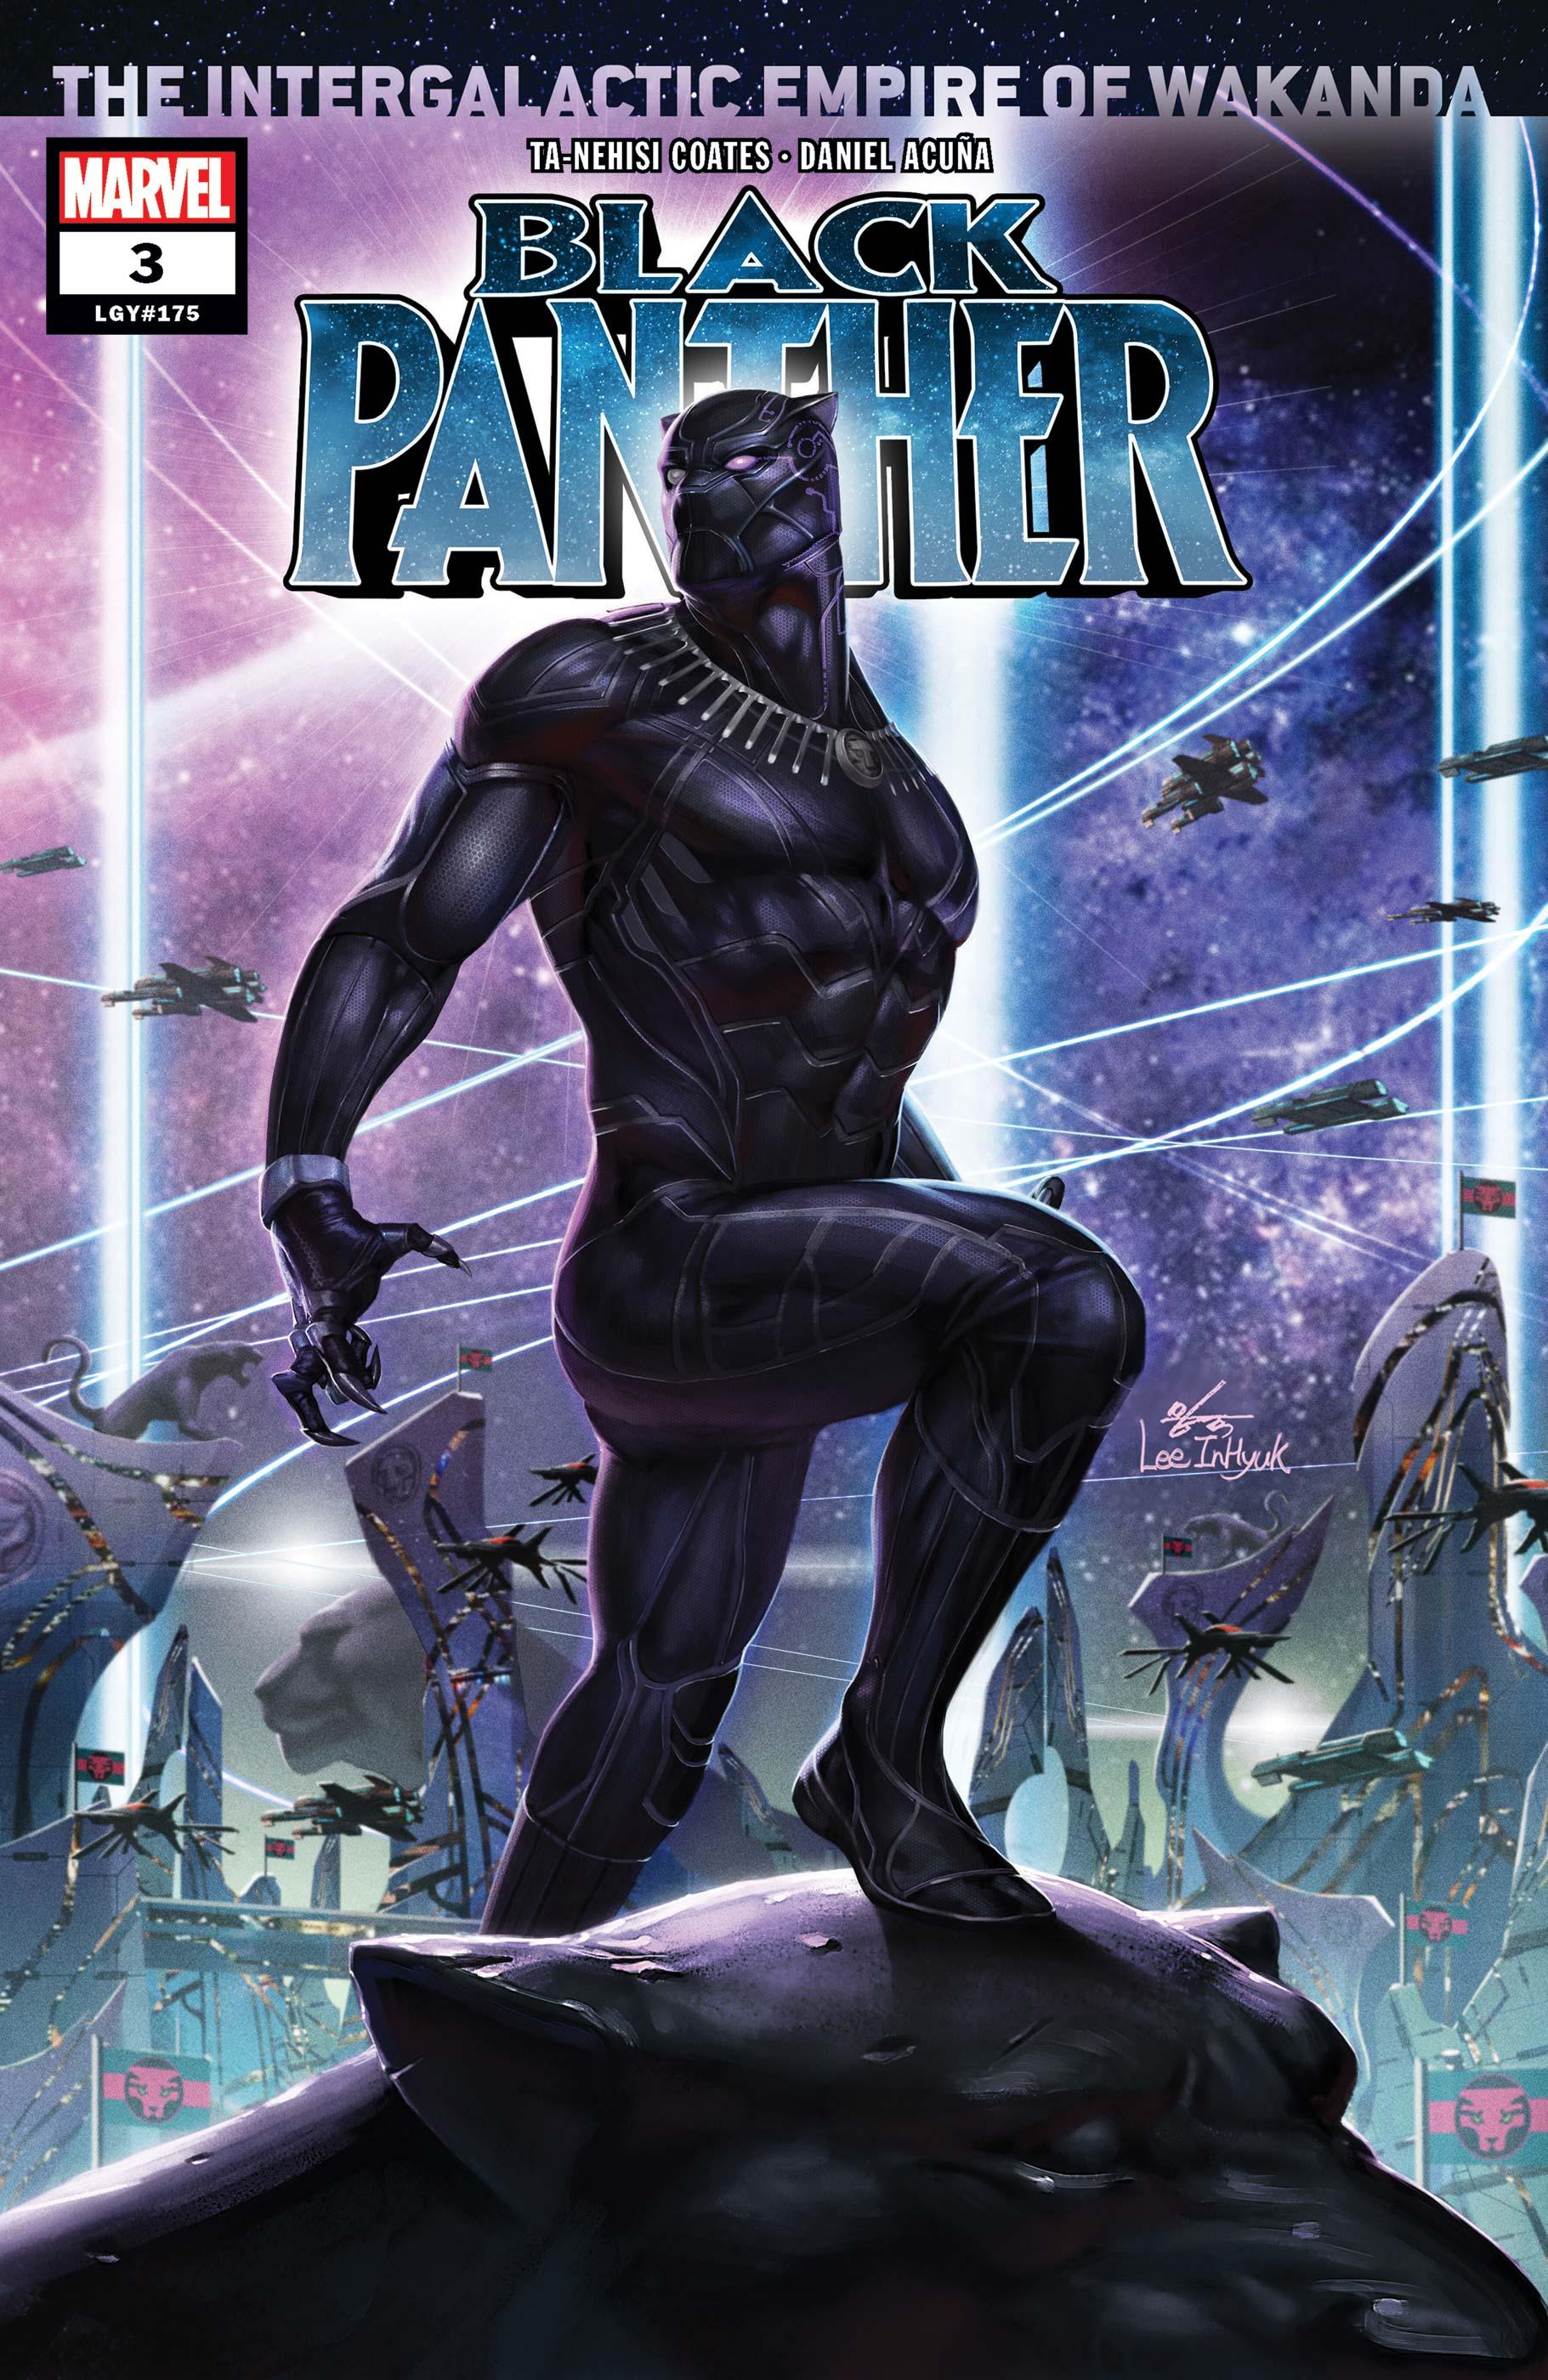 Black Panther (2018) #3